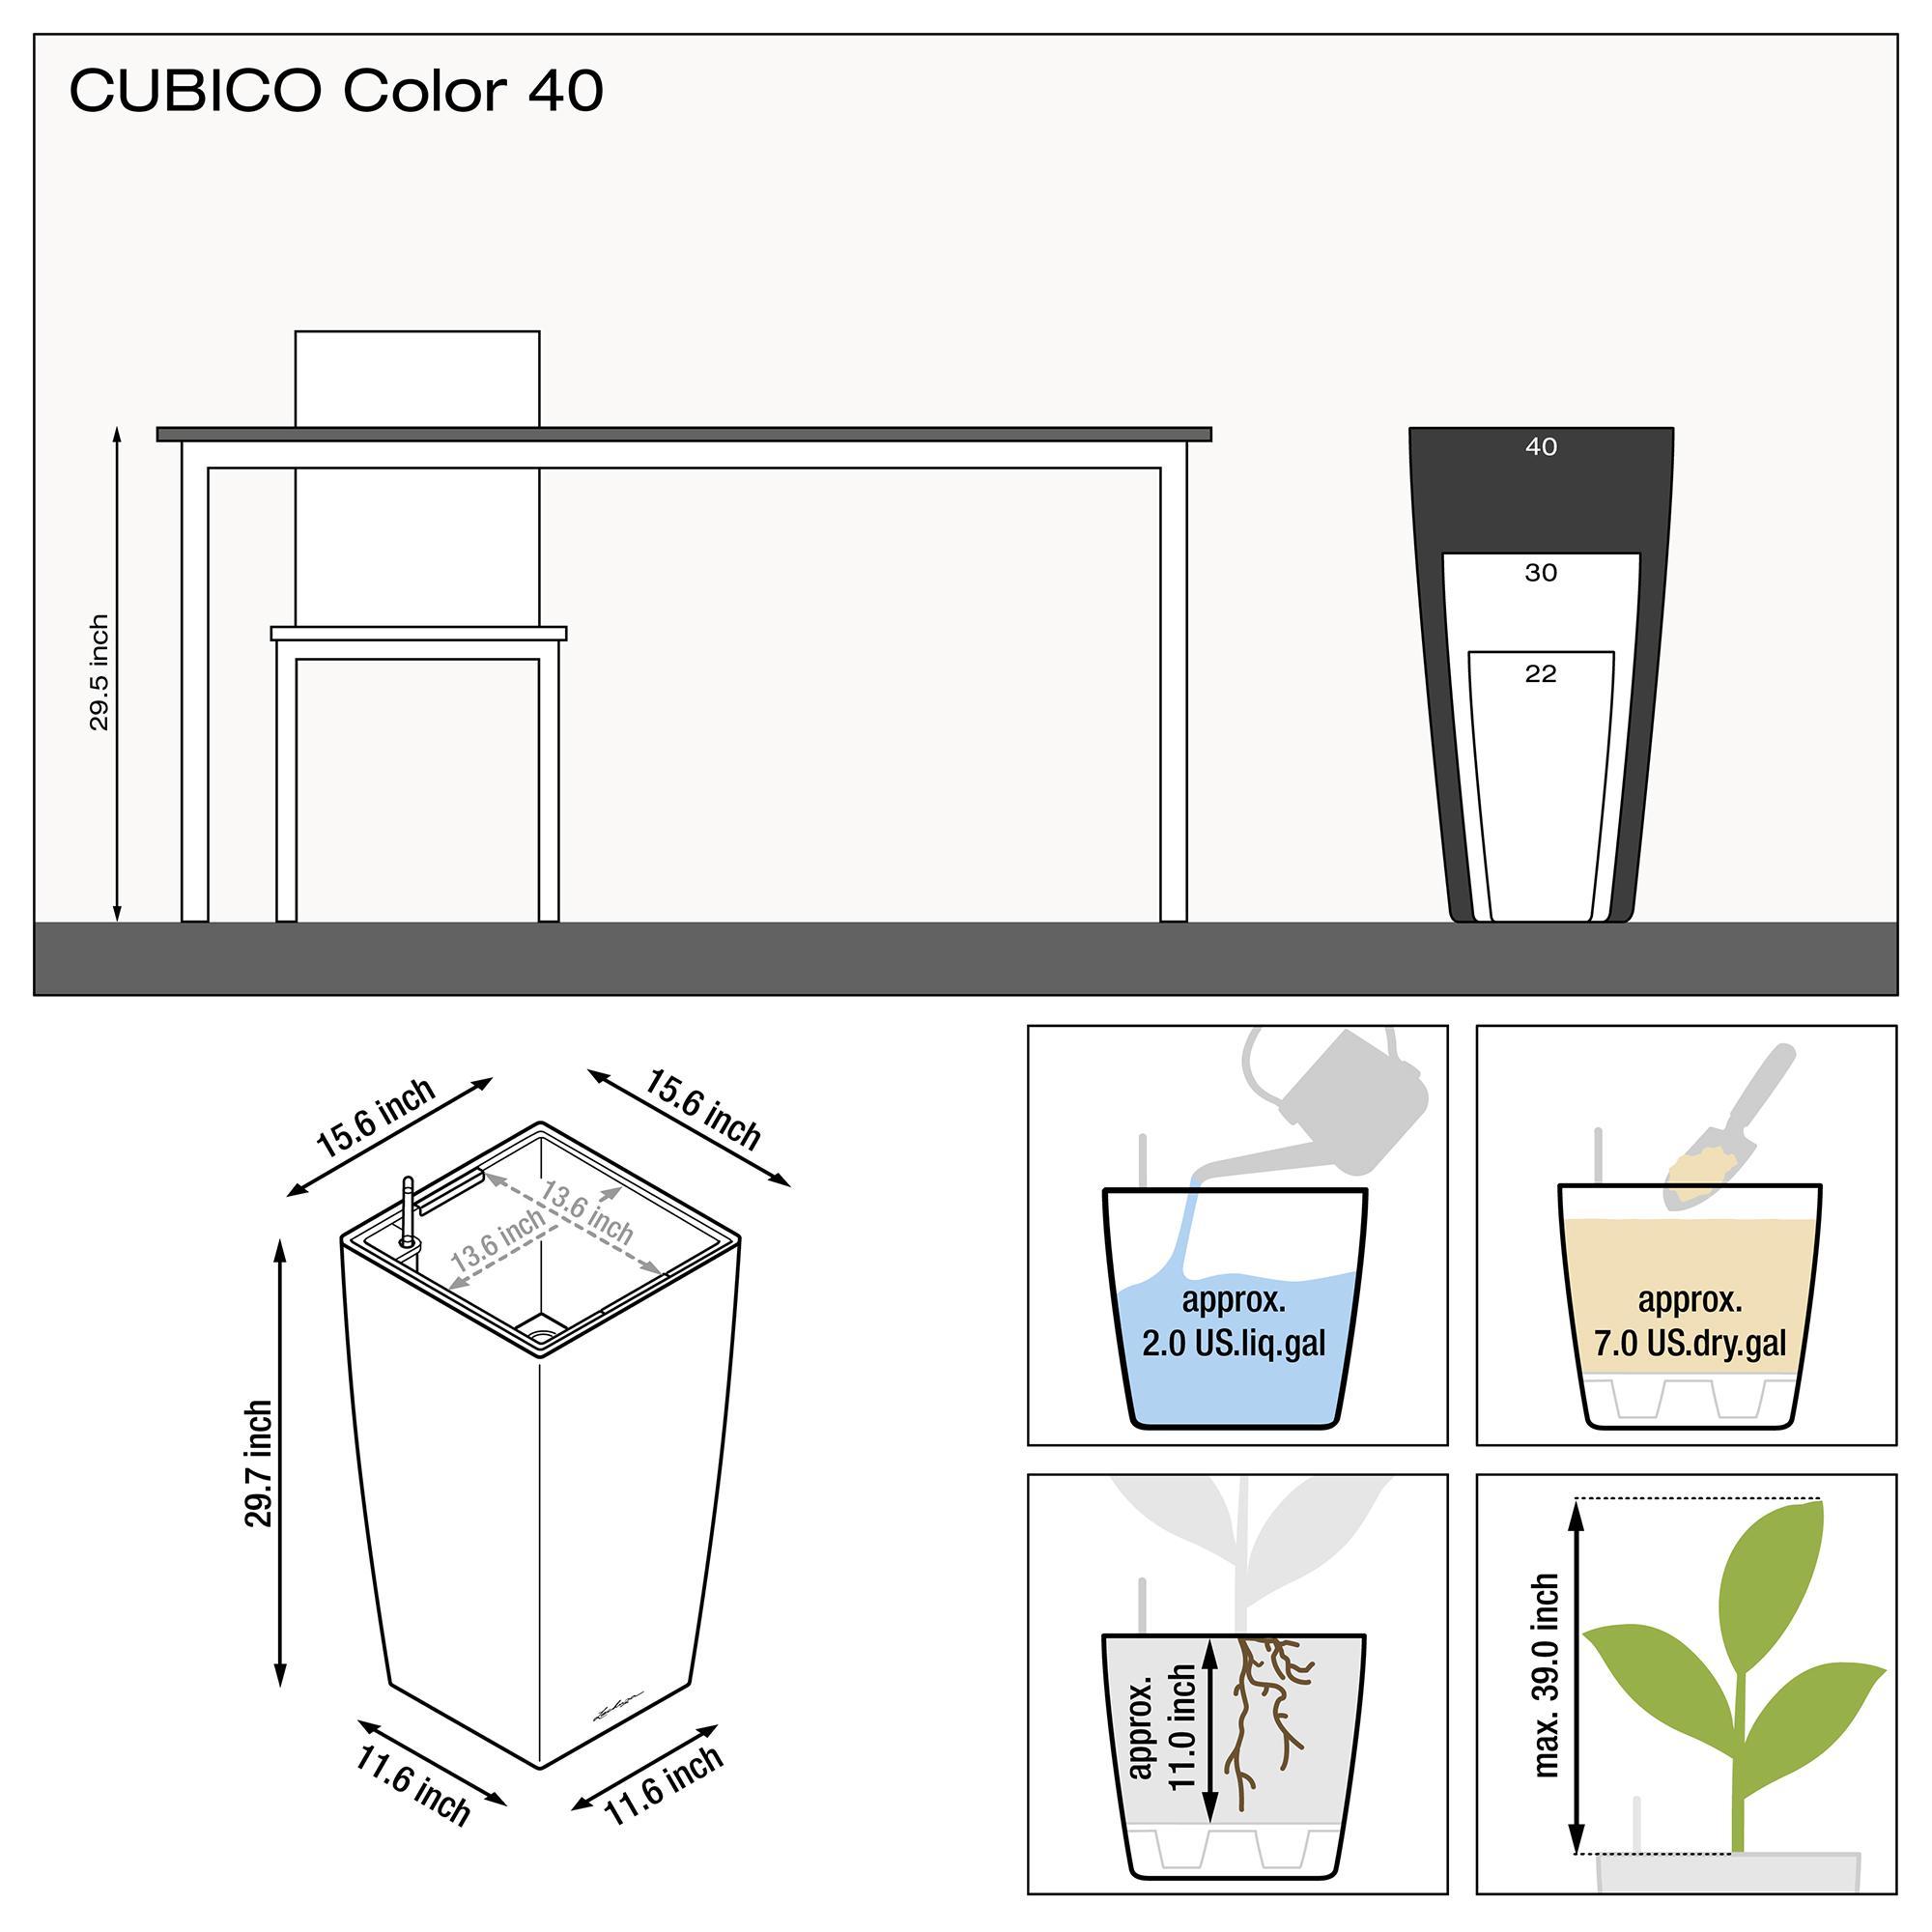 le_cubico-color40_product_addi_nz_us